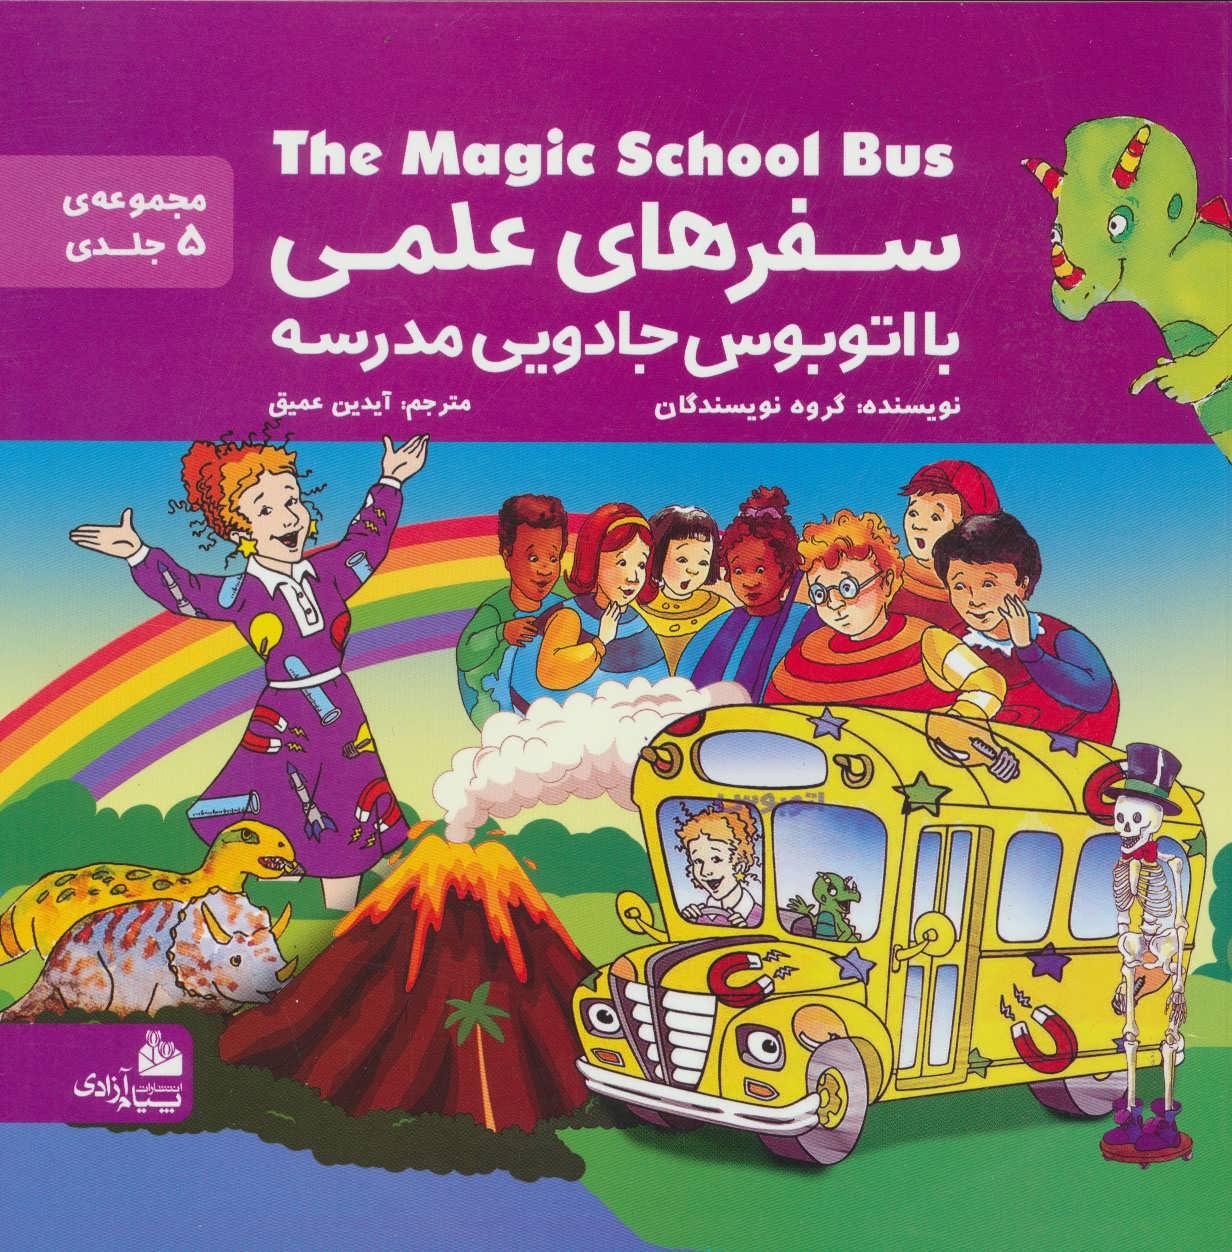 مجموعه سفرهاي علمي با اتوبوس جادويي مدرسه (گلاسه)